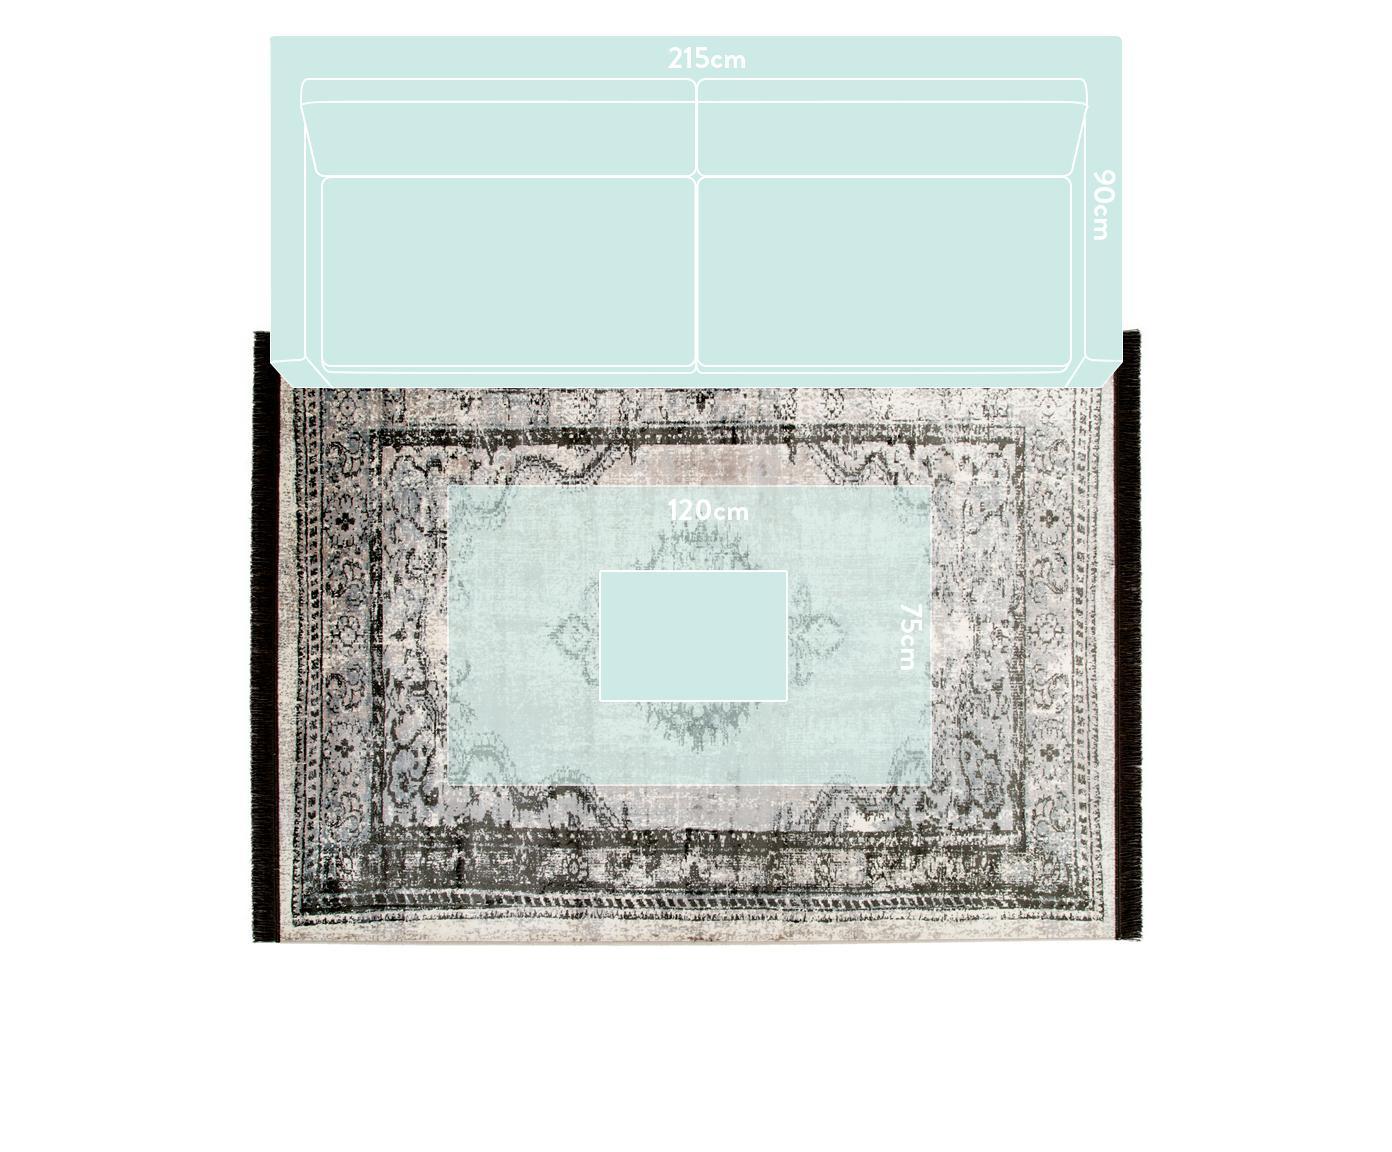 Vintage Teppich Marvel mit Fransen, Flor: 66% Kunstseide, 25% Baumw, Dunkelgrau, Hellgrau, Hellbeige, B 200 x L 300 cm (Größe L)